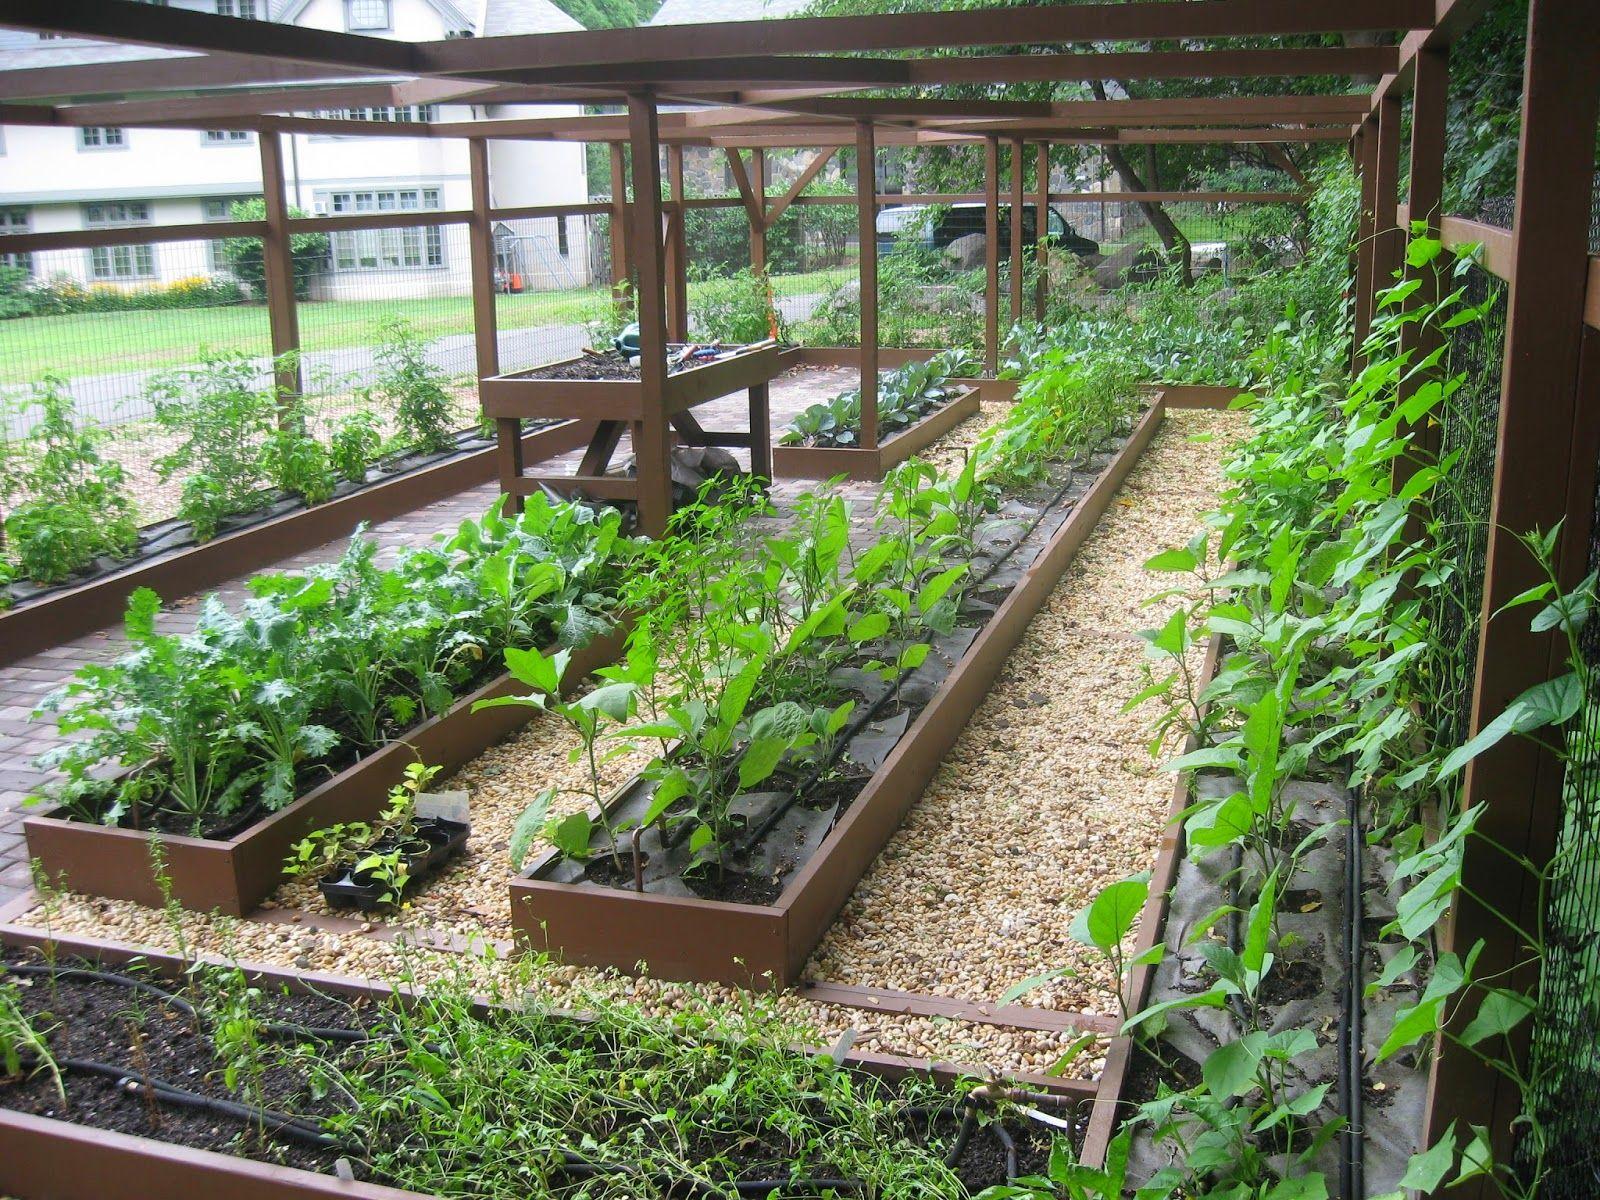 Pinterest vegetable gardening ideas - Landscape Design For Vegetable Gardens